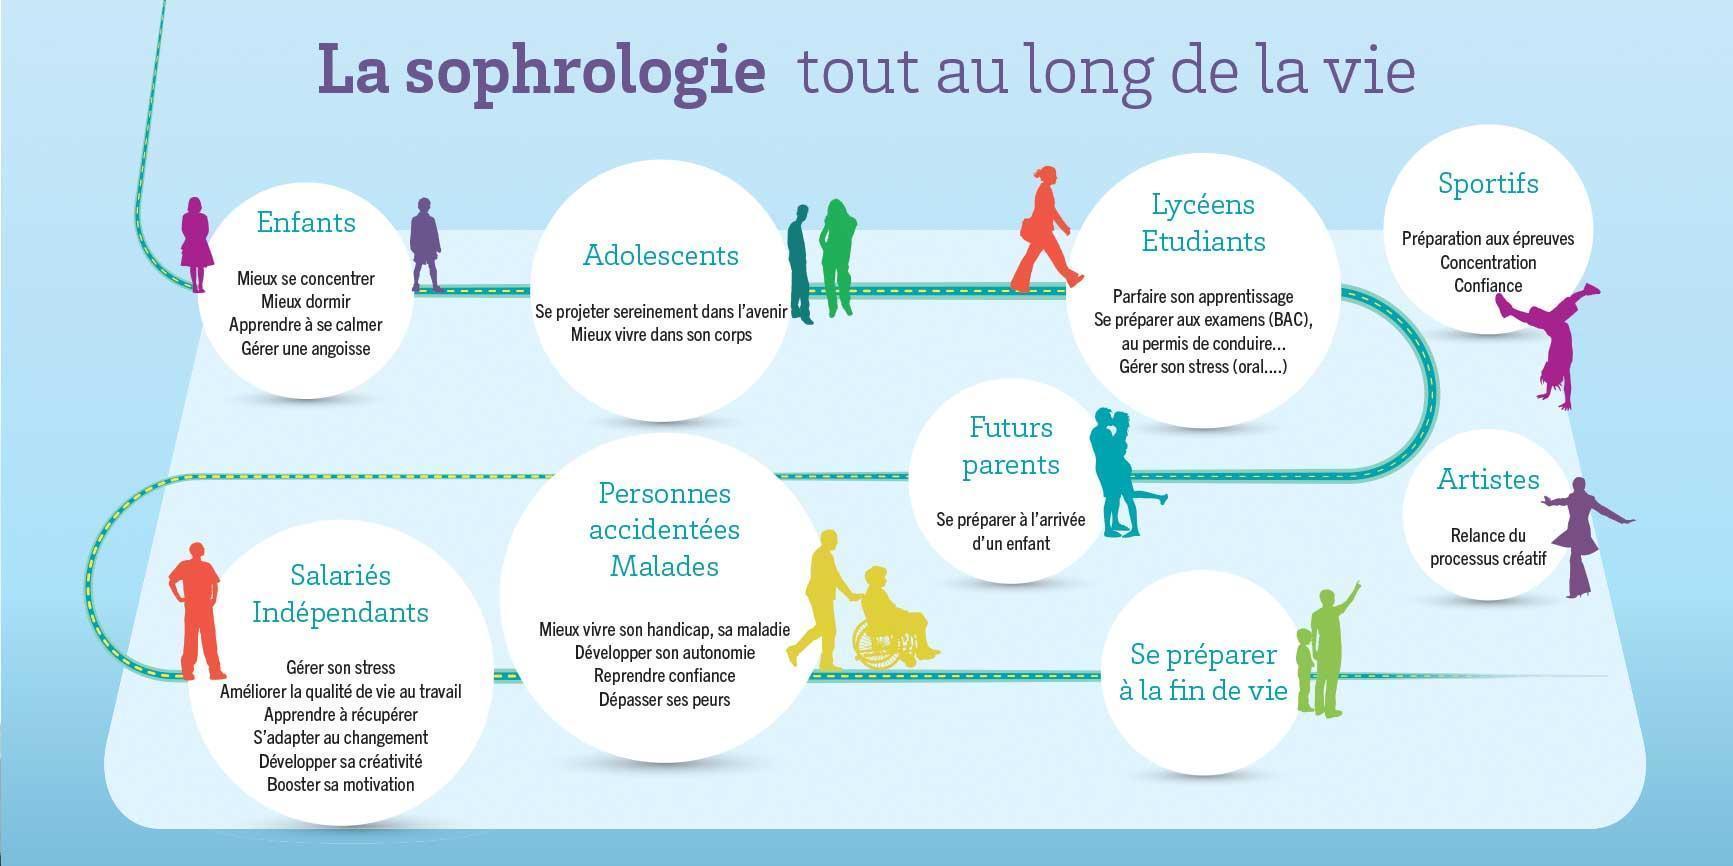 sophrologie au long de la vie